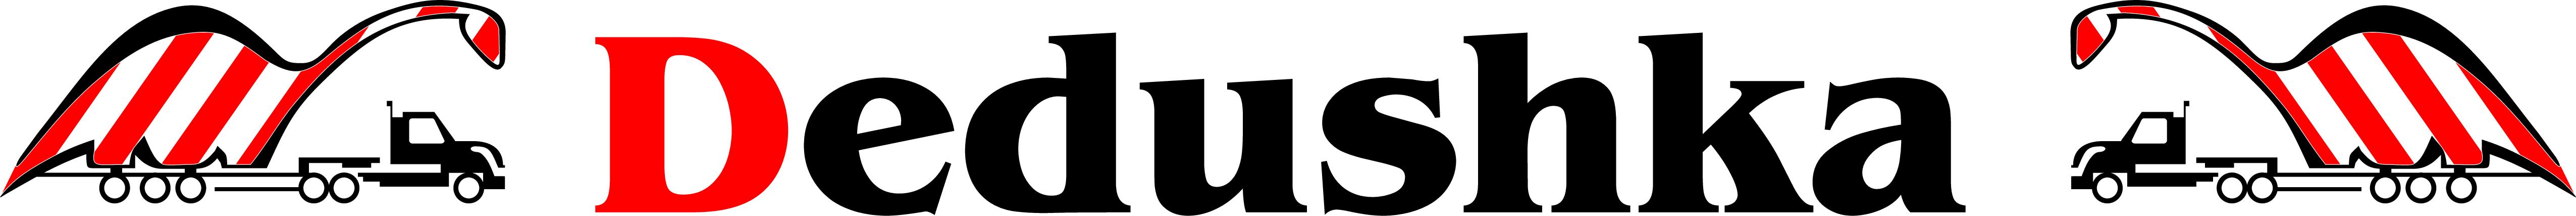 Dedushka logo